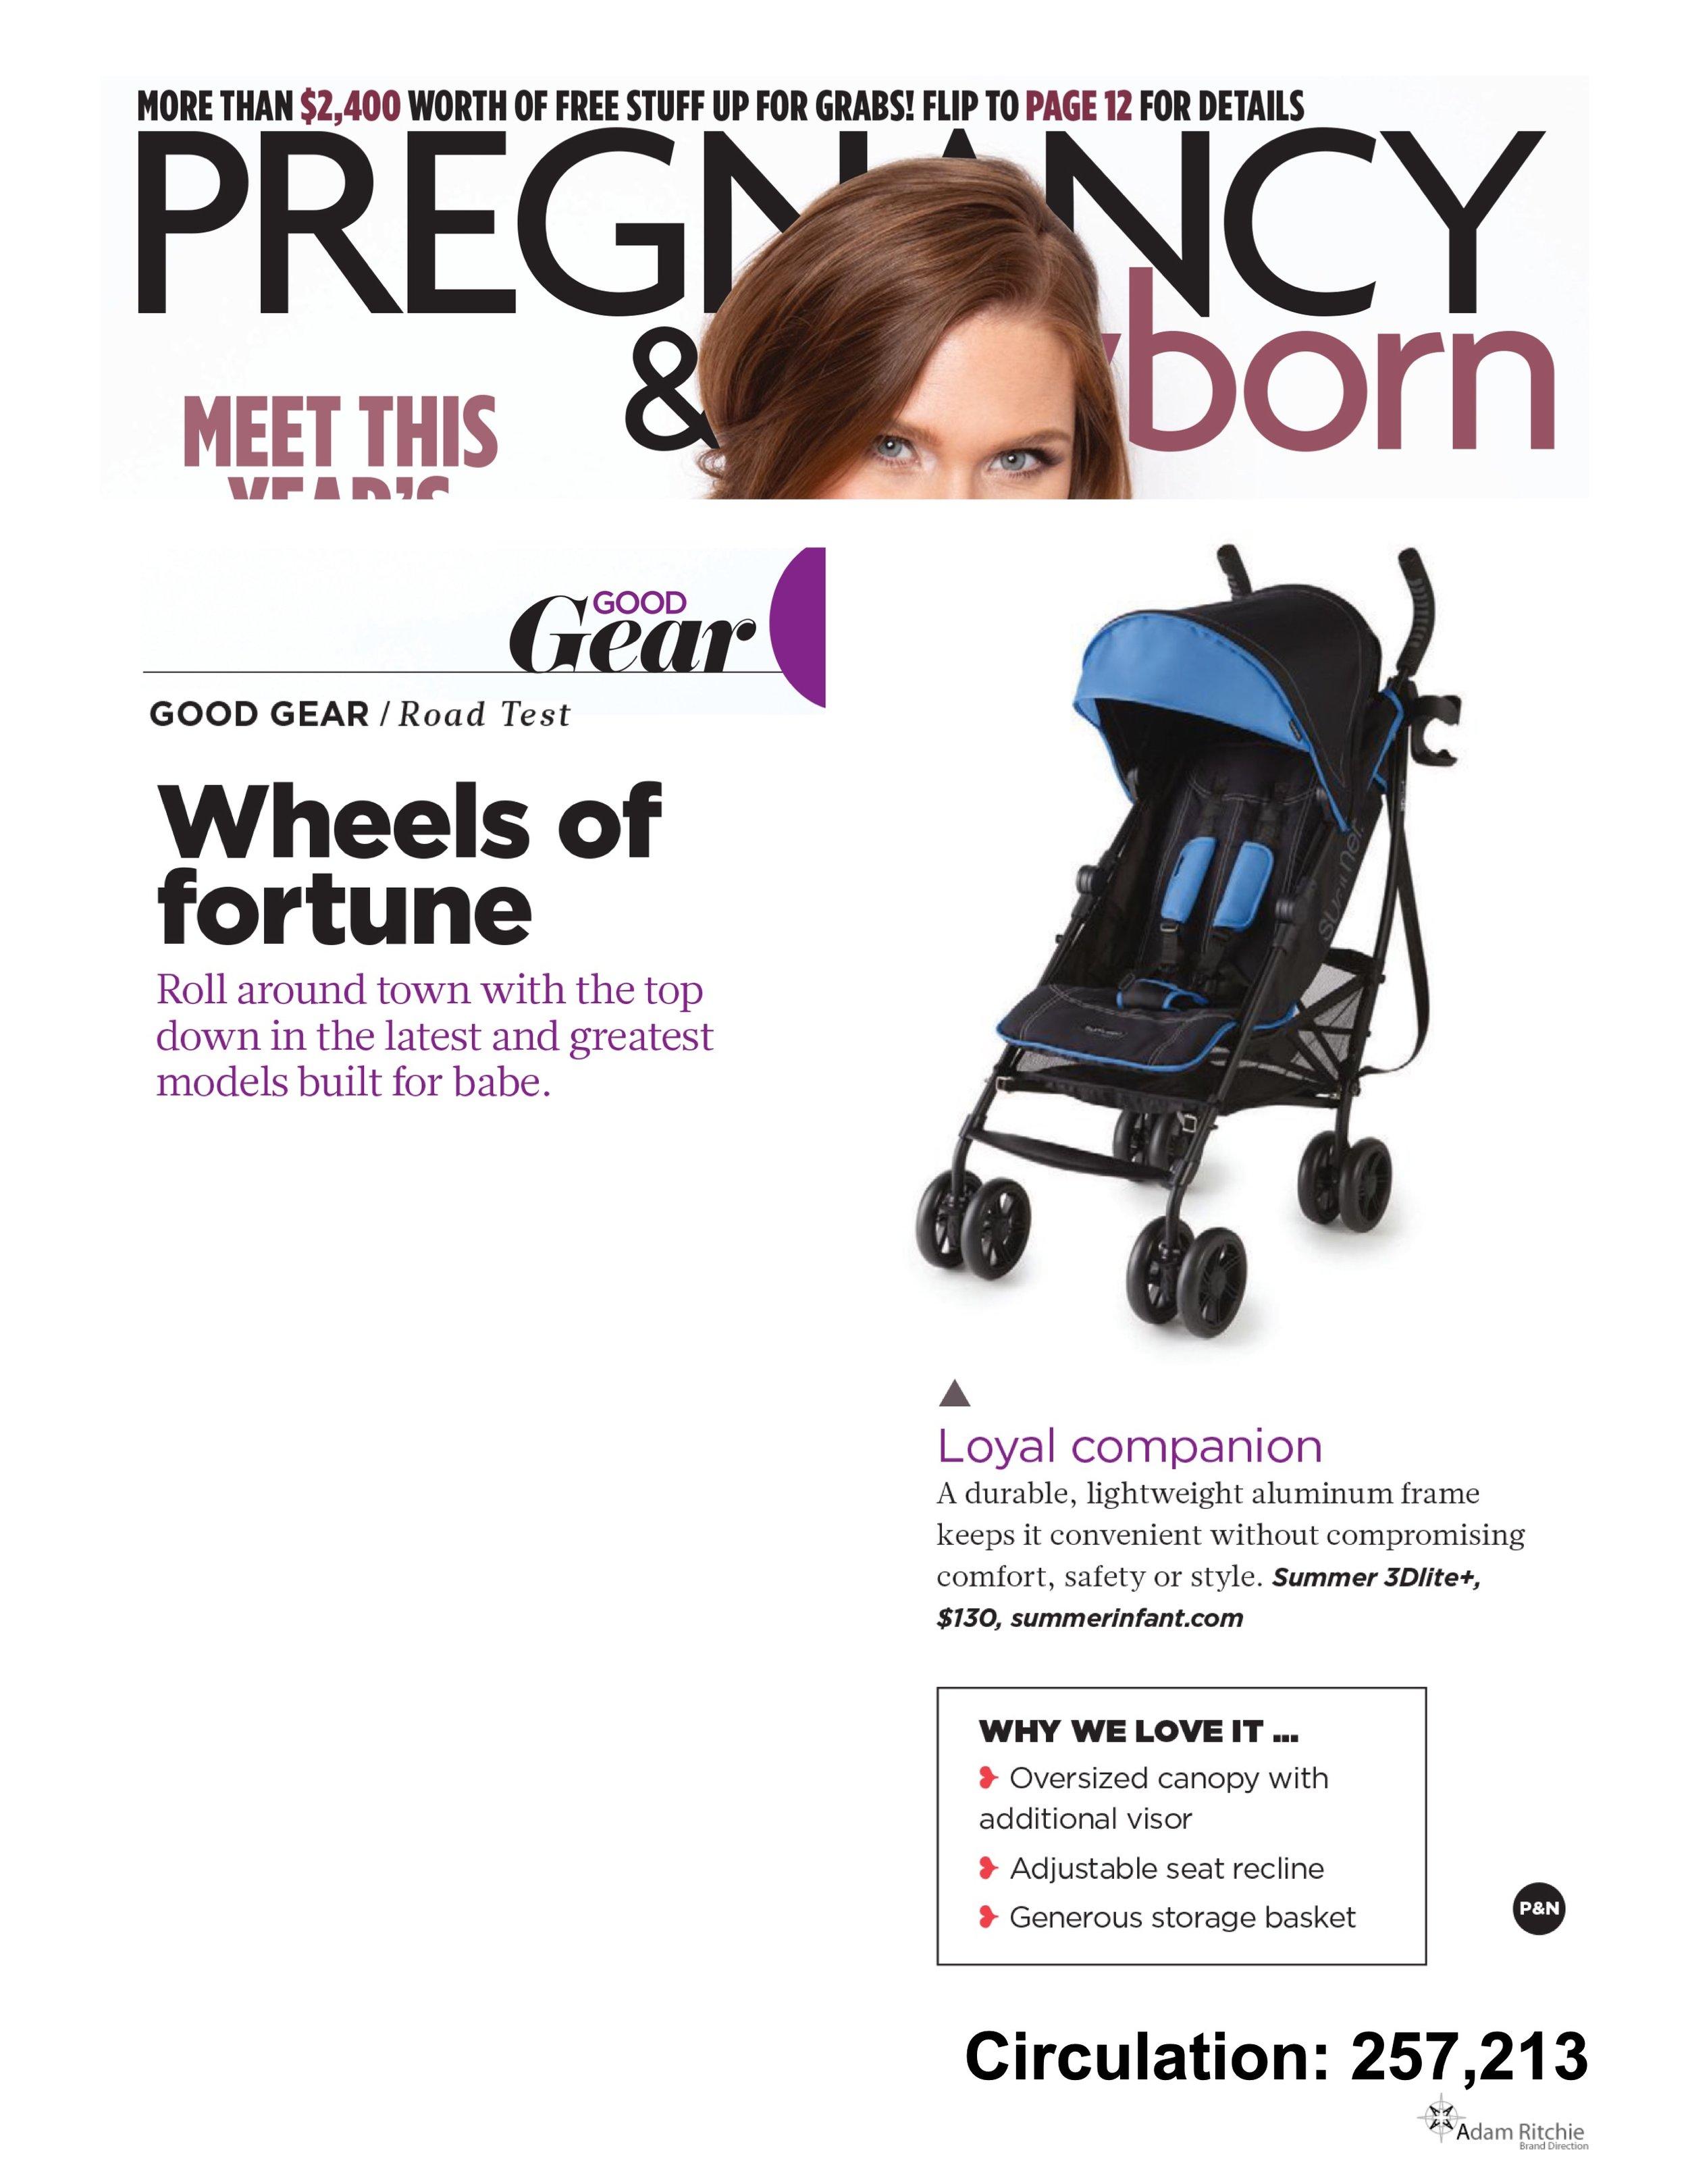 2019.04.00-2019.05.00_Pregnancy & Newborn_Summer 3Dlite+ Convenience Stroller.jpeg